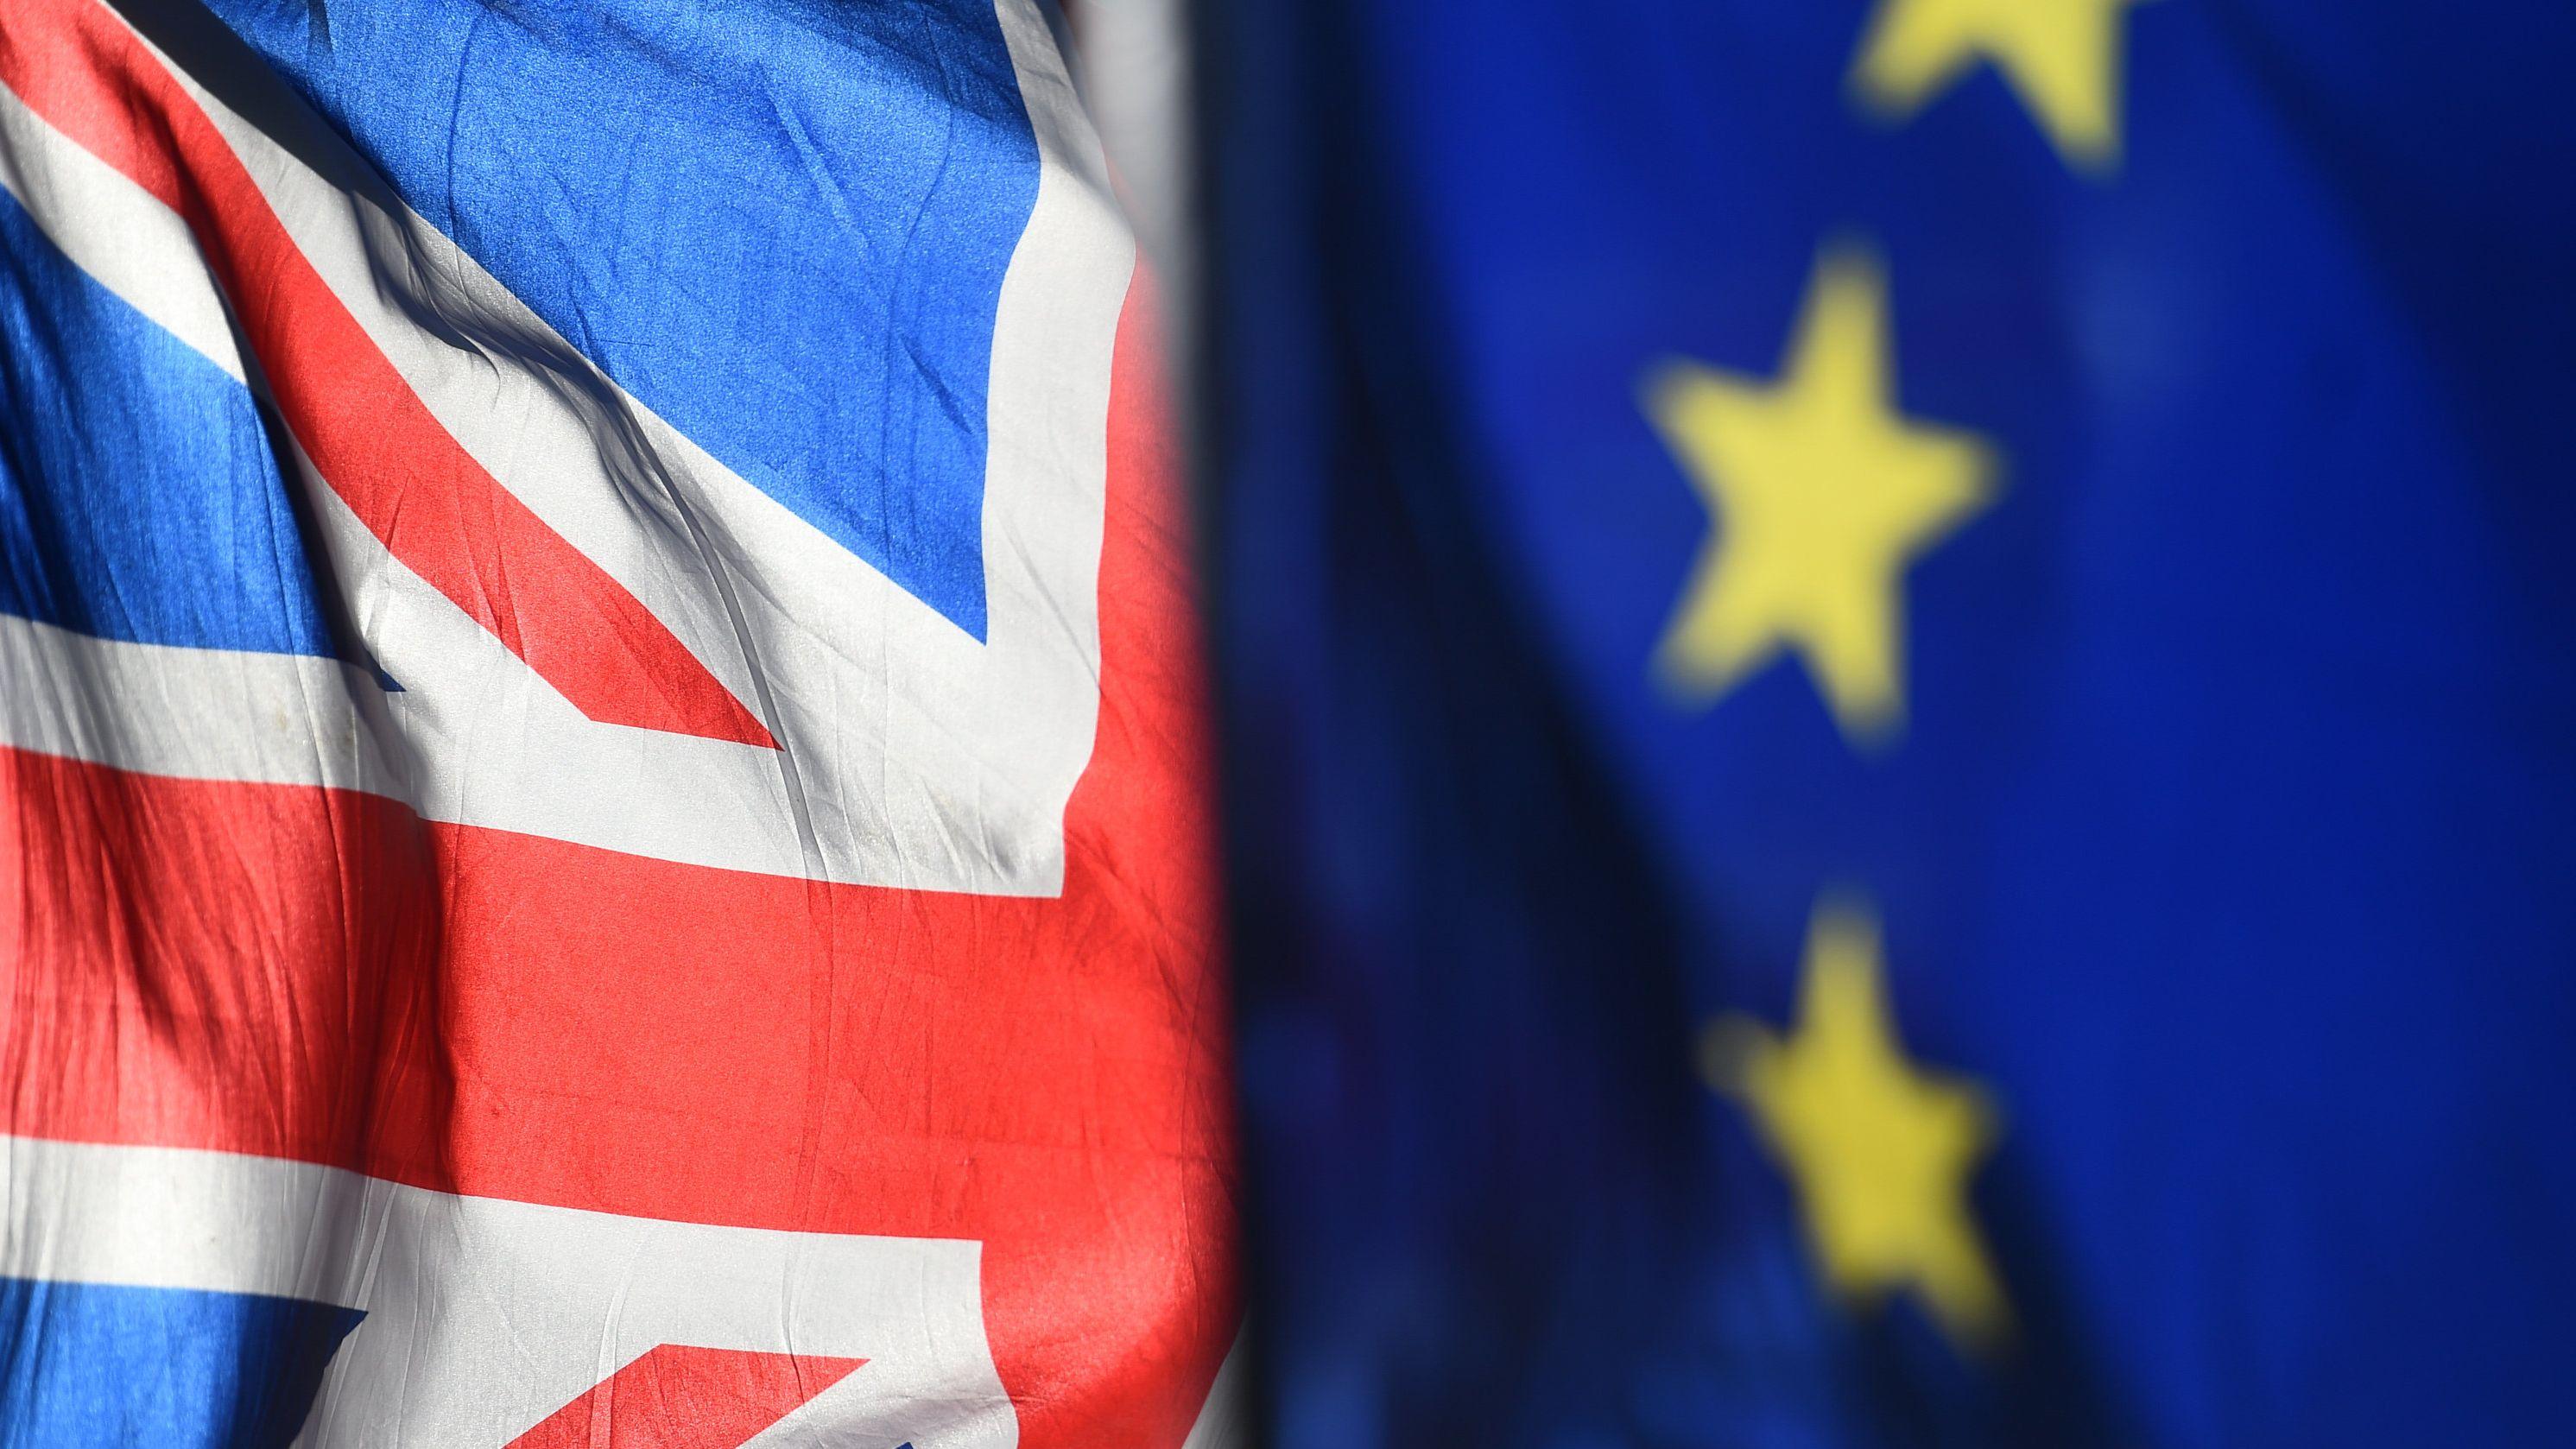 Der Union Jack und die Flagge der EU